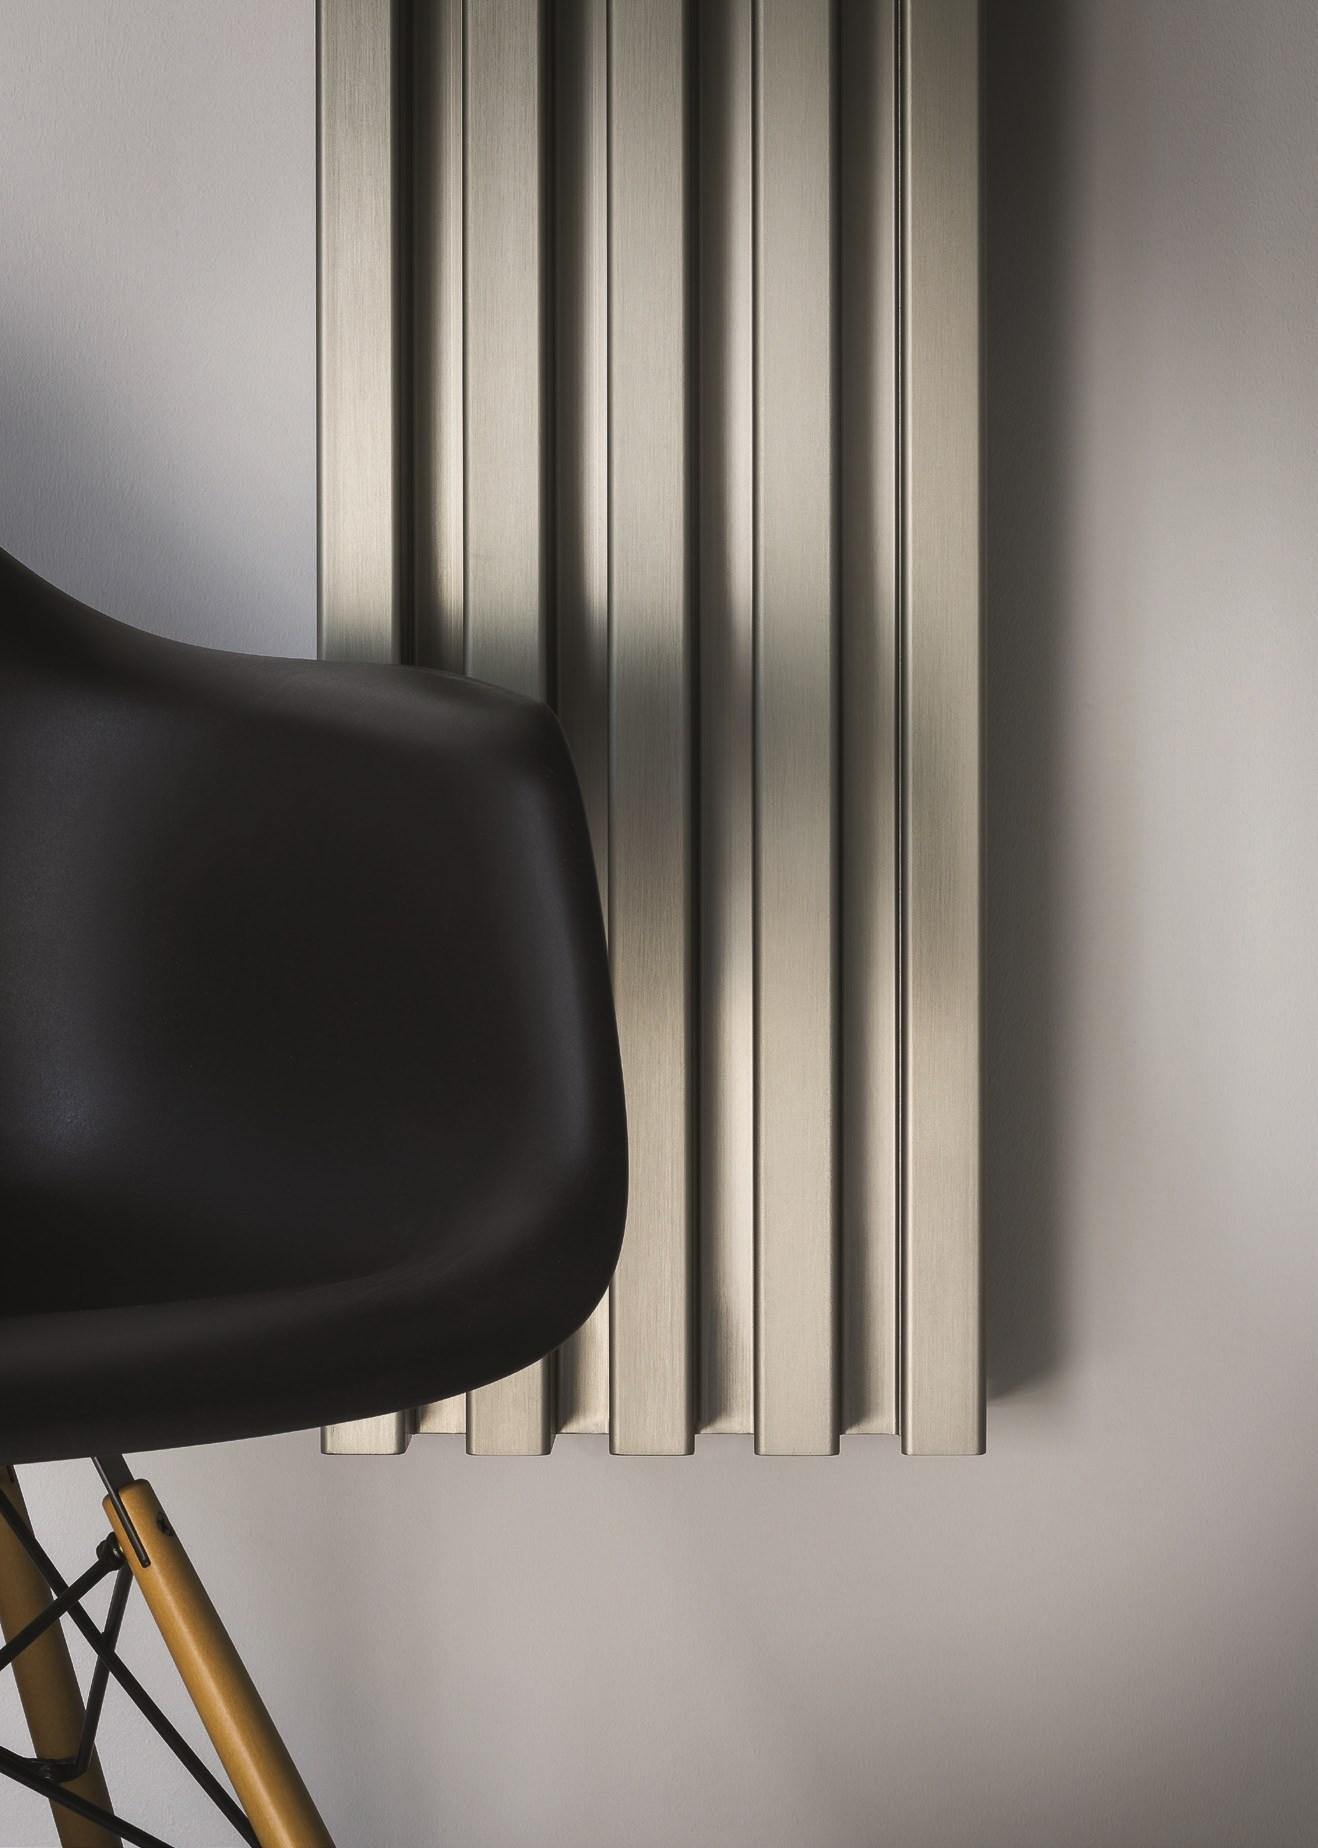 Вертикальные радиаторы в доме: удобно или нет? (25 фото)